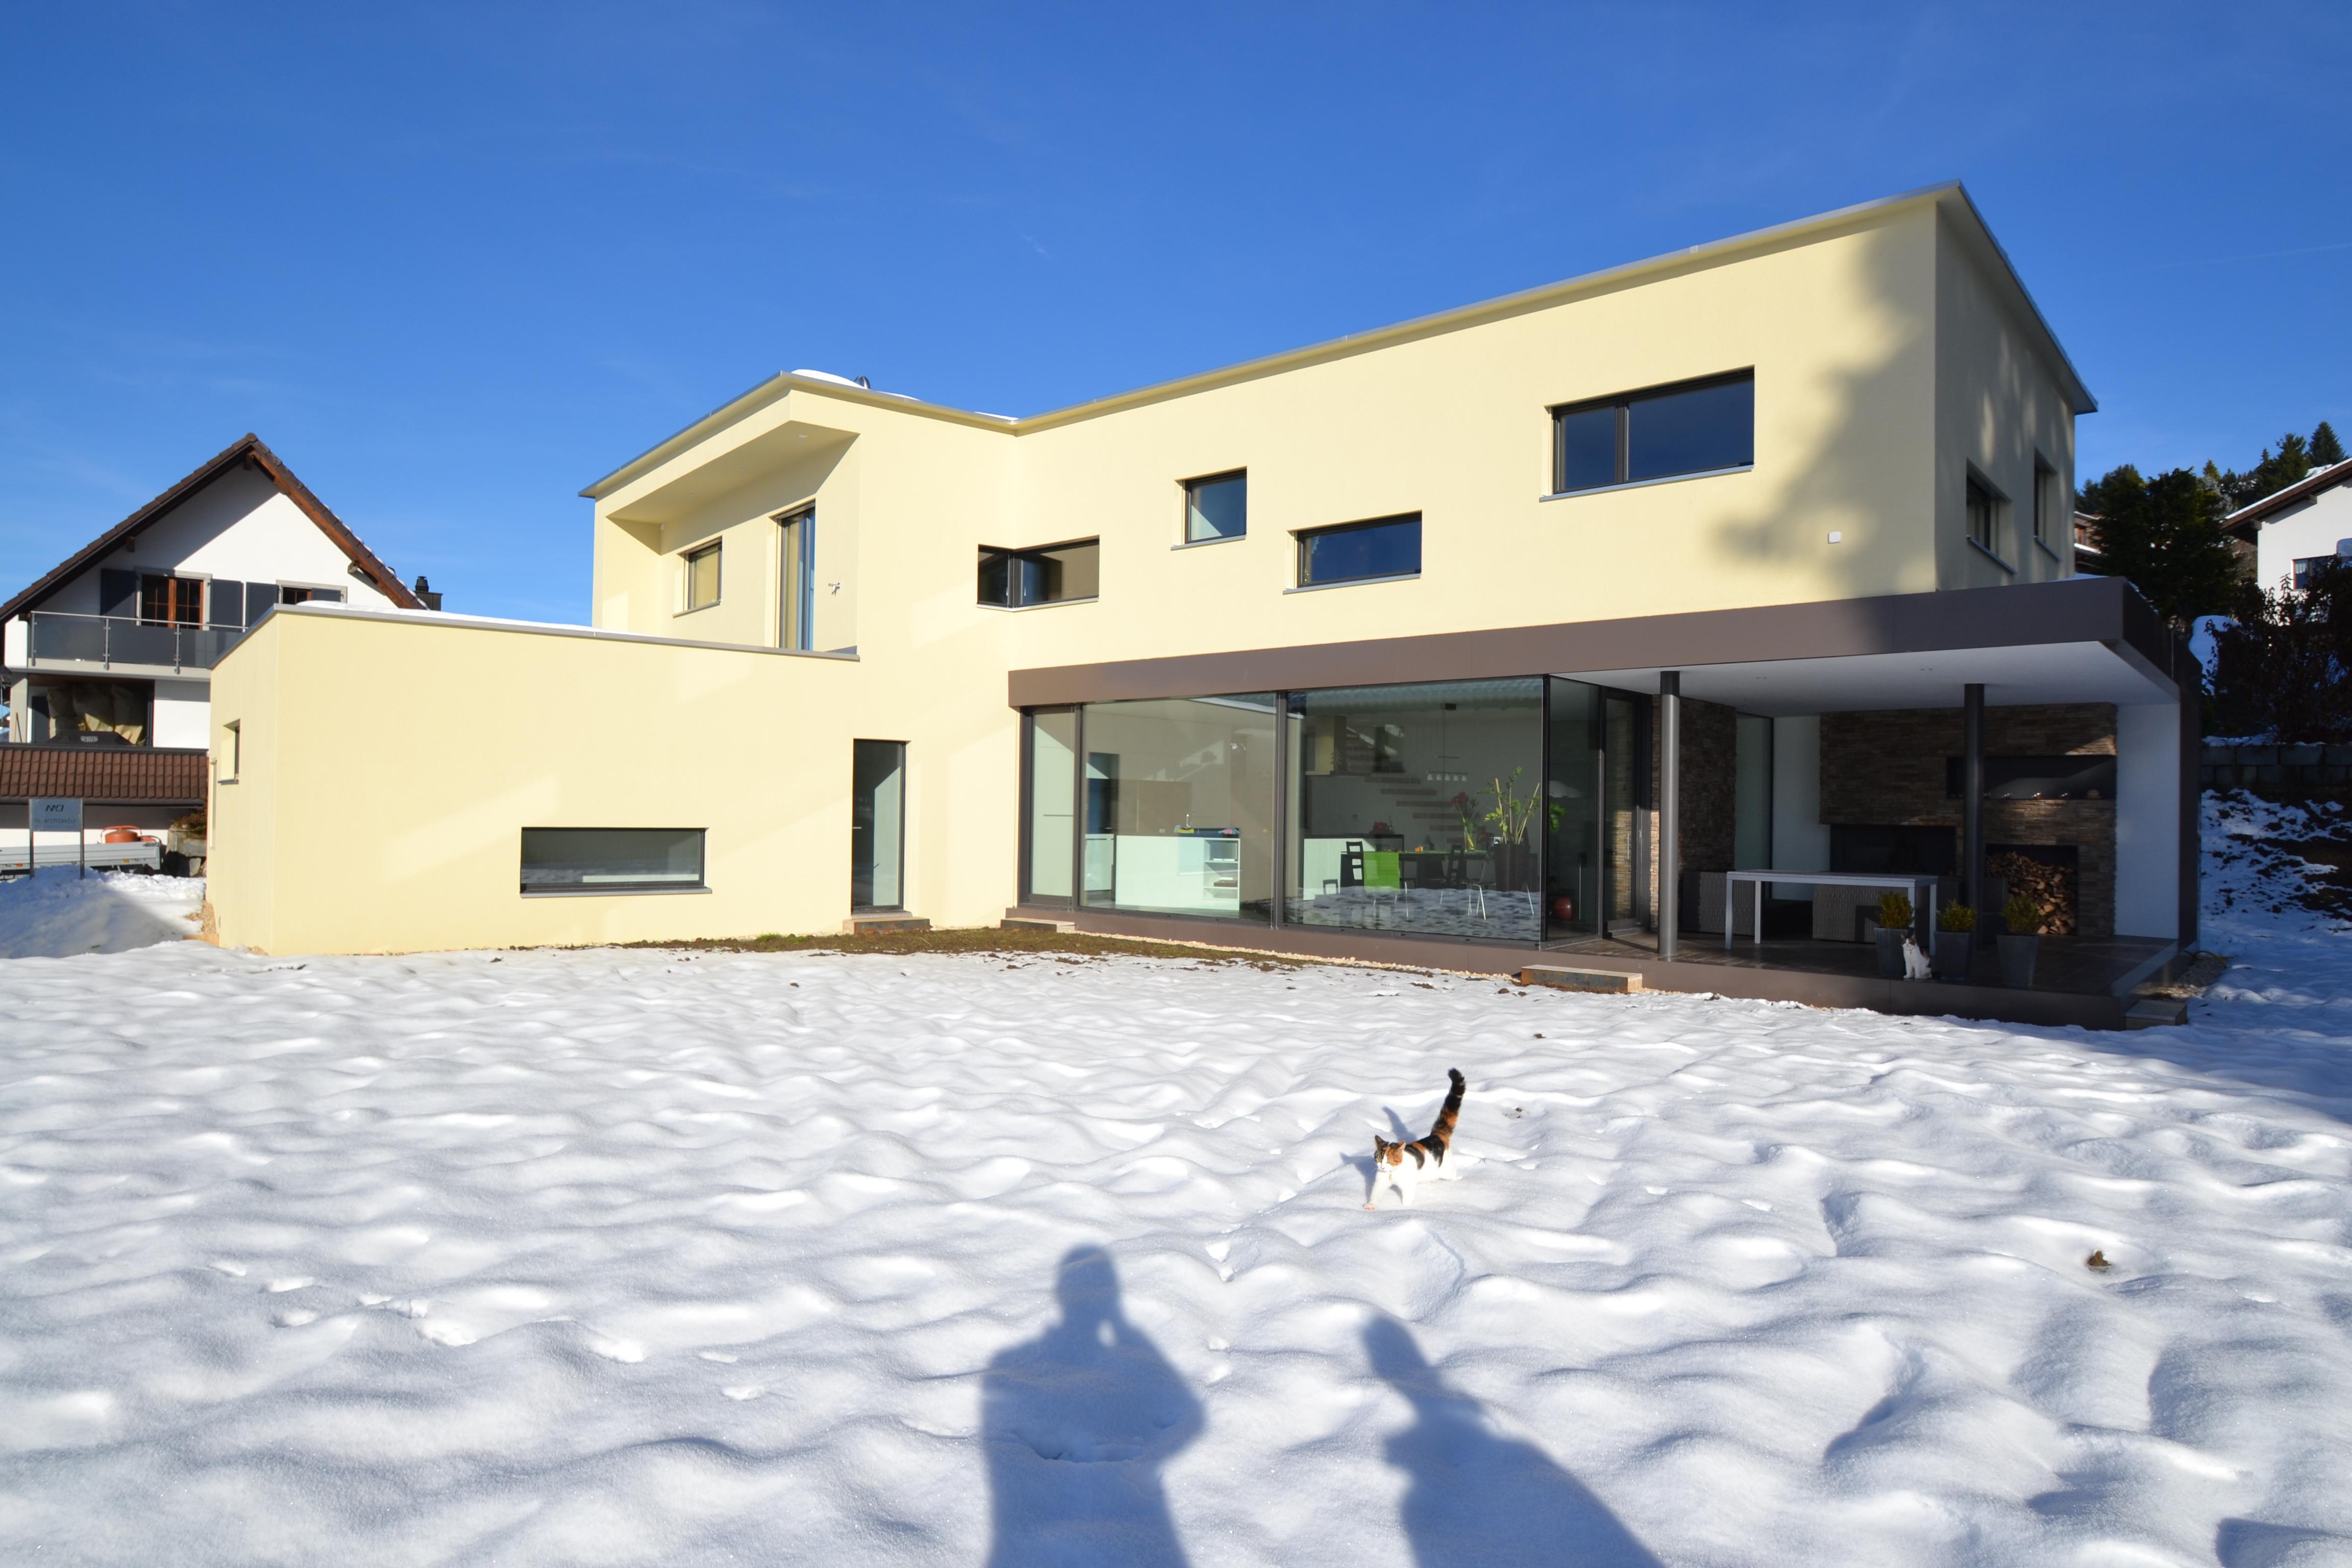 EFH-Rietwiesstrasse-Gommiswald--MO-Architektur-Uznach-Linthgebiet-Ostschweiz-5469